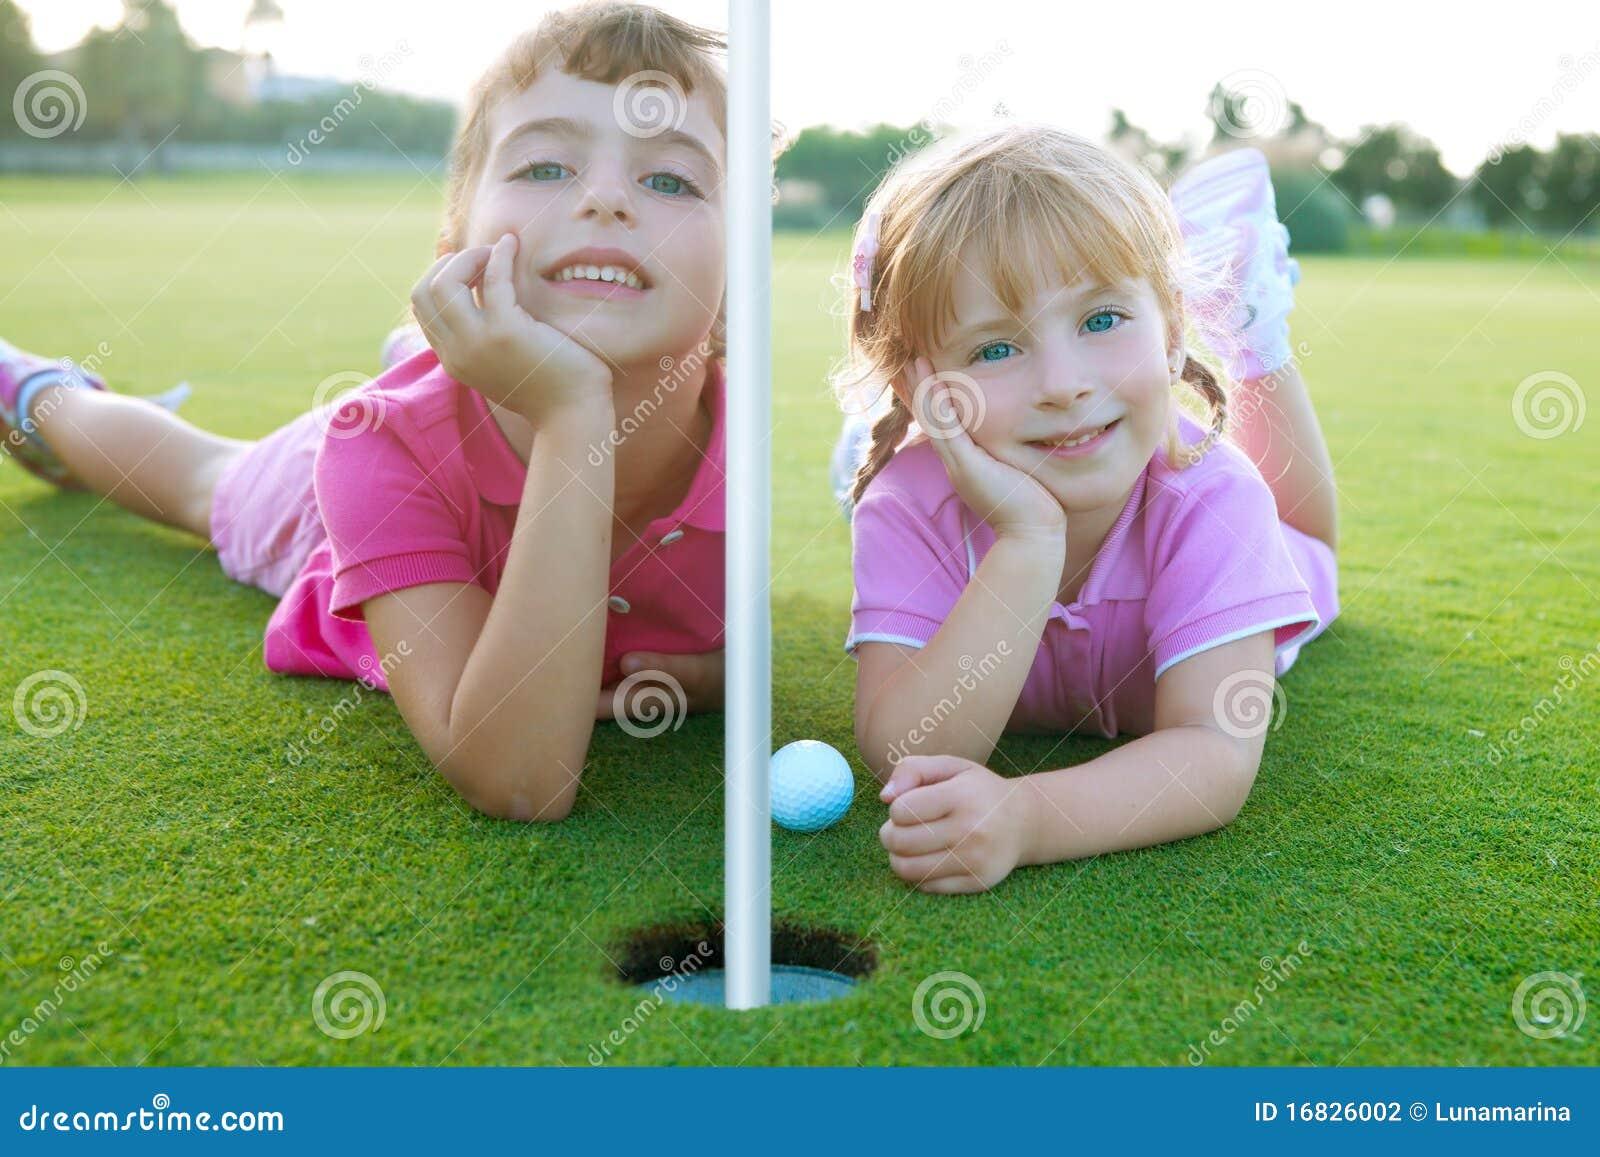 hole little girl models